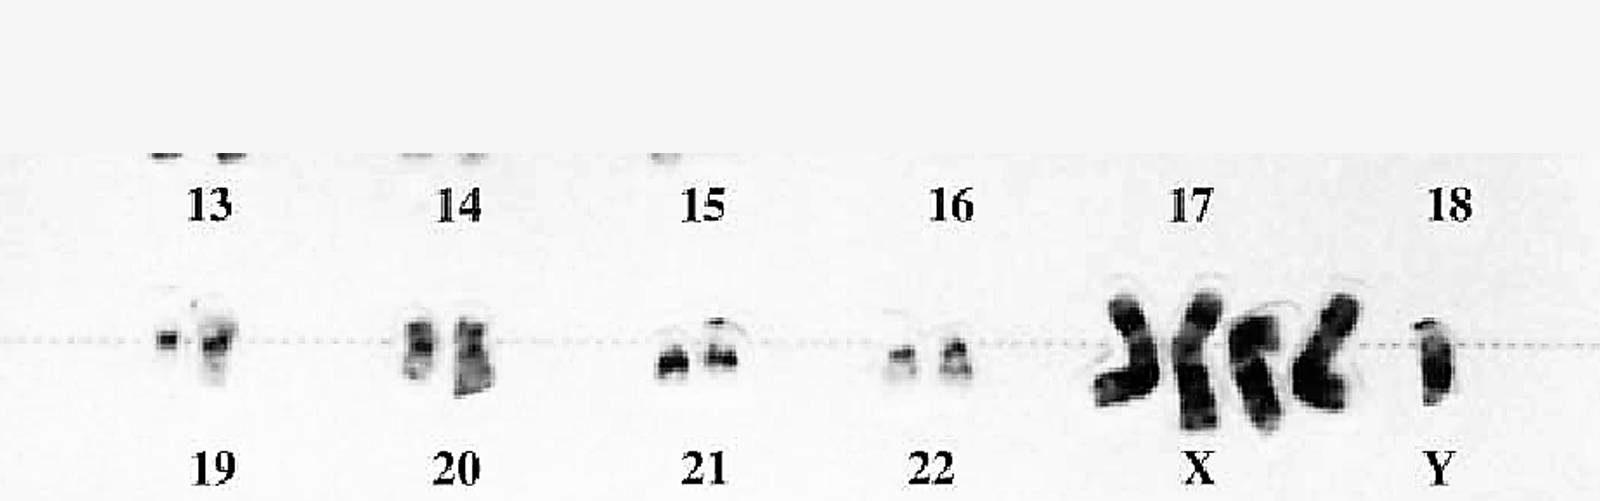 xxxxy chromosomes